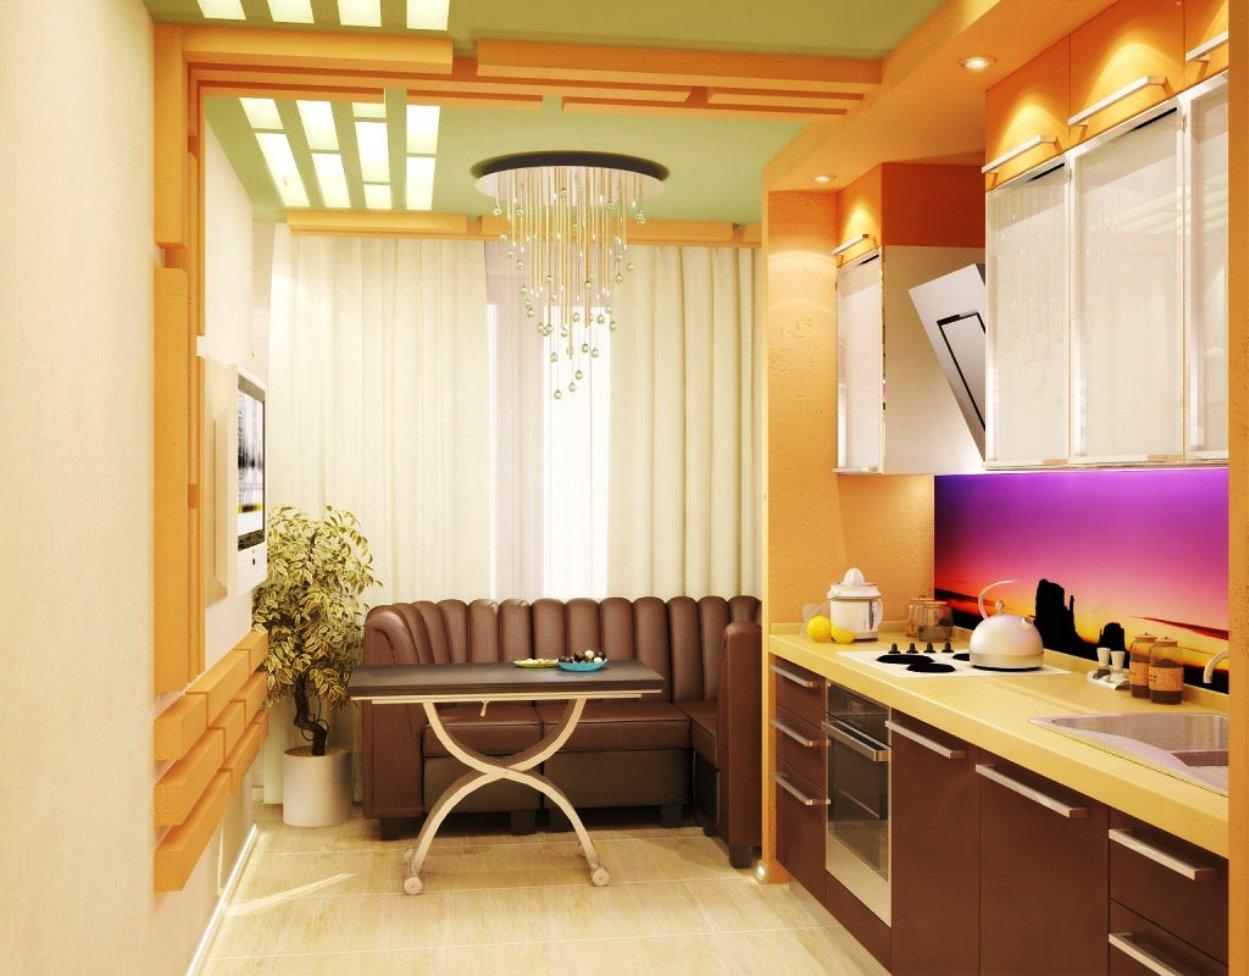 Дизайн кухни совмещенной с балконом фото 2015 современные ид.